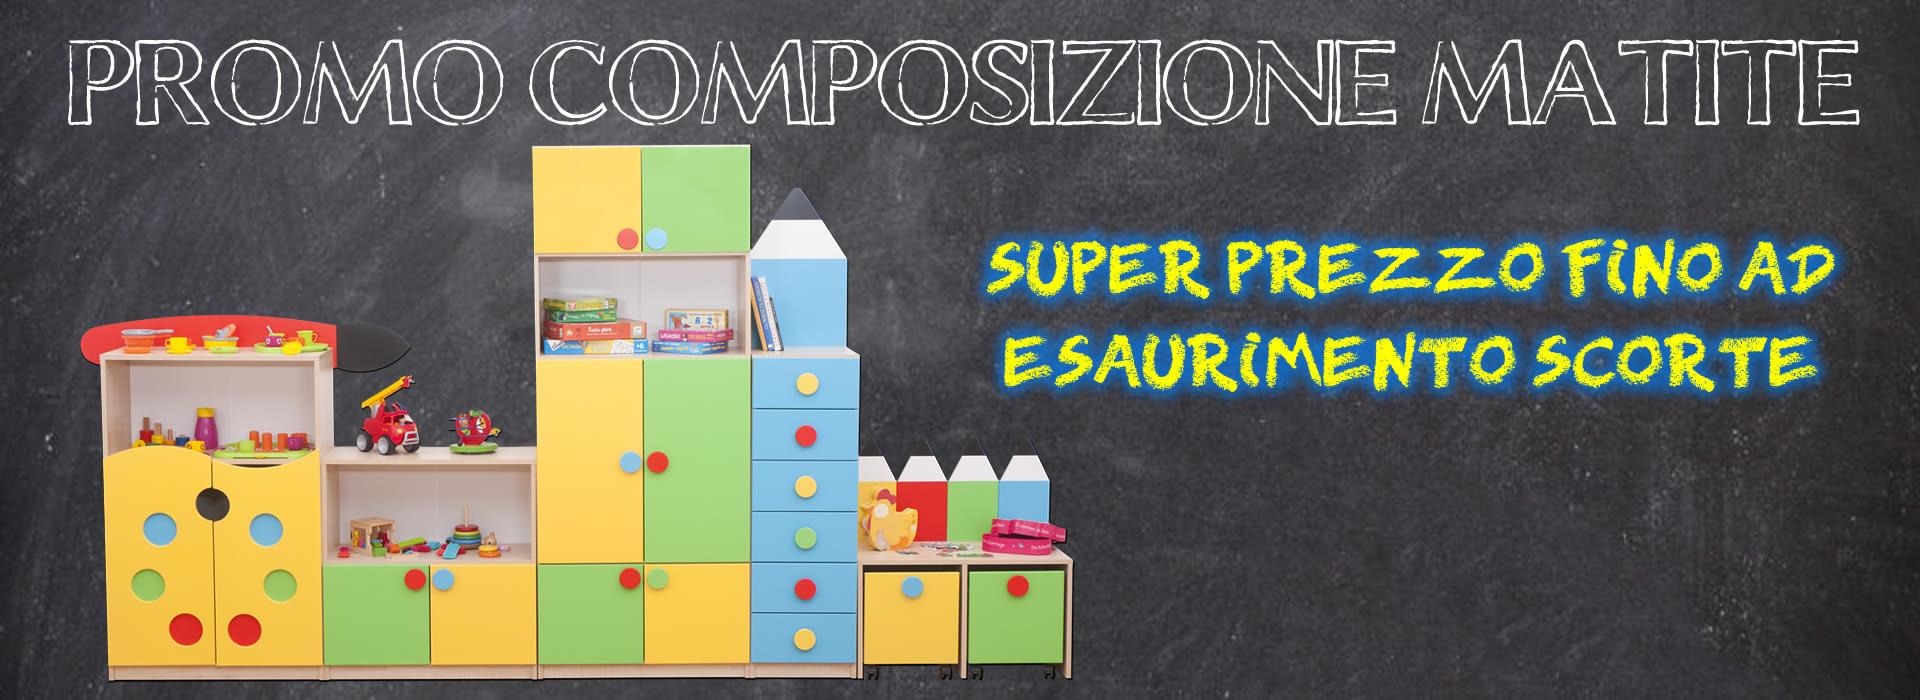 Promo Composizione Matite AZ Scuola